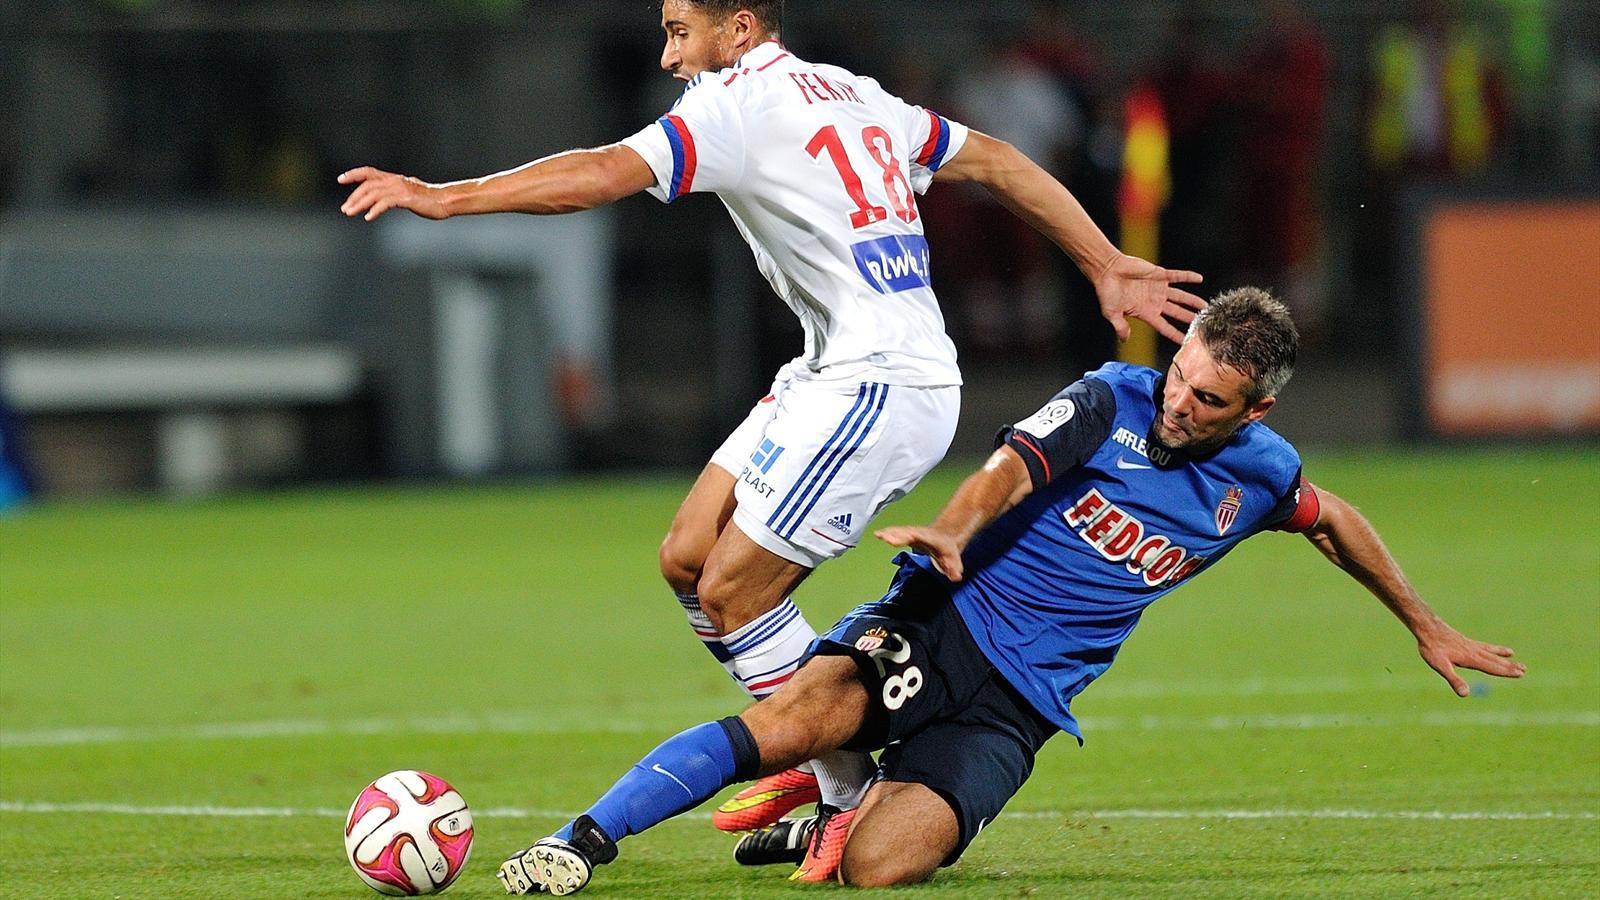 Coupe de la ligue huiti mes de finale paris ajaccio lyon monaco lille bordeaux l 39 affiche - Coupe de france football calendrier ...